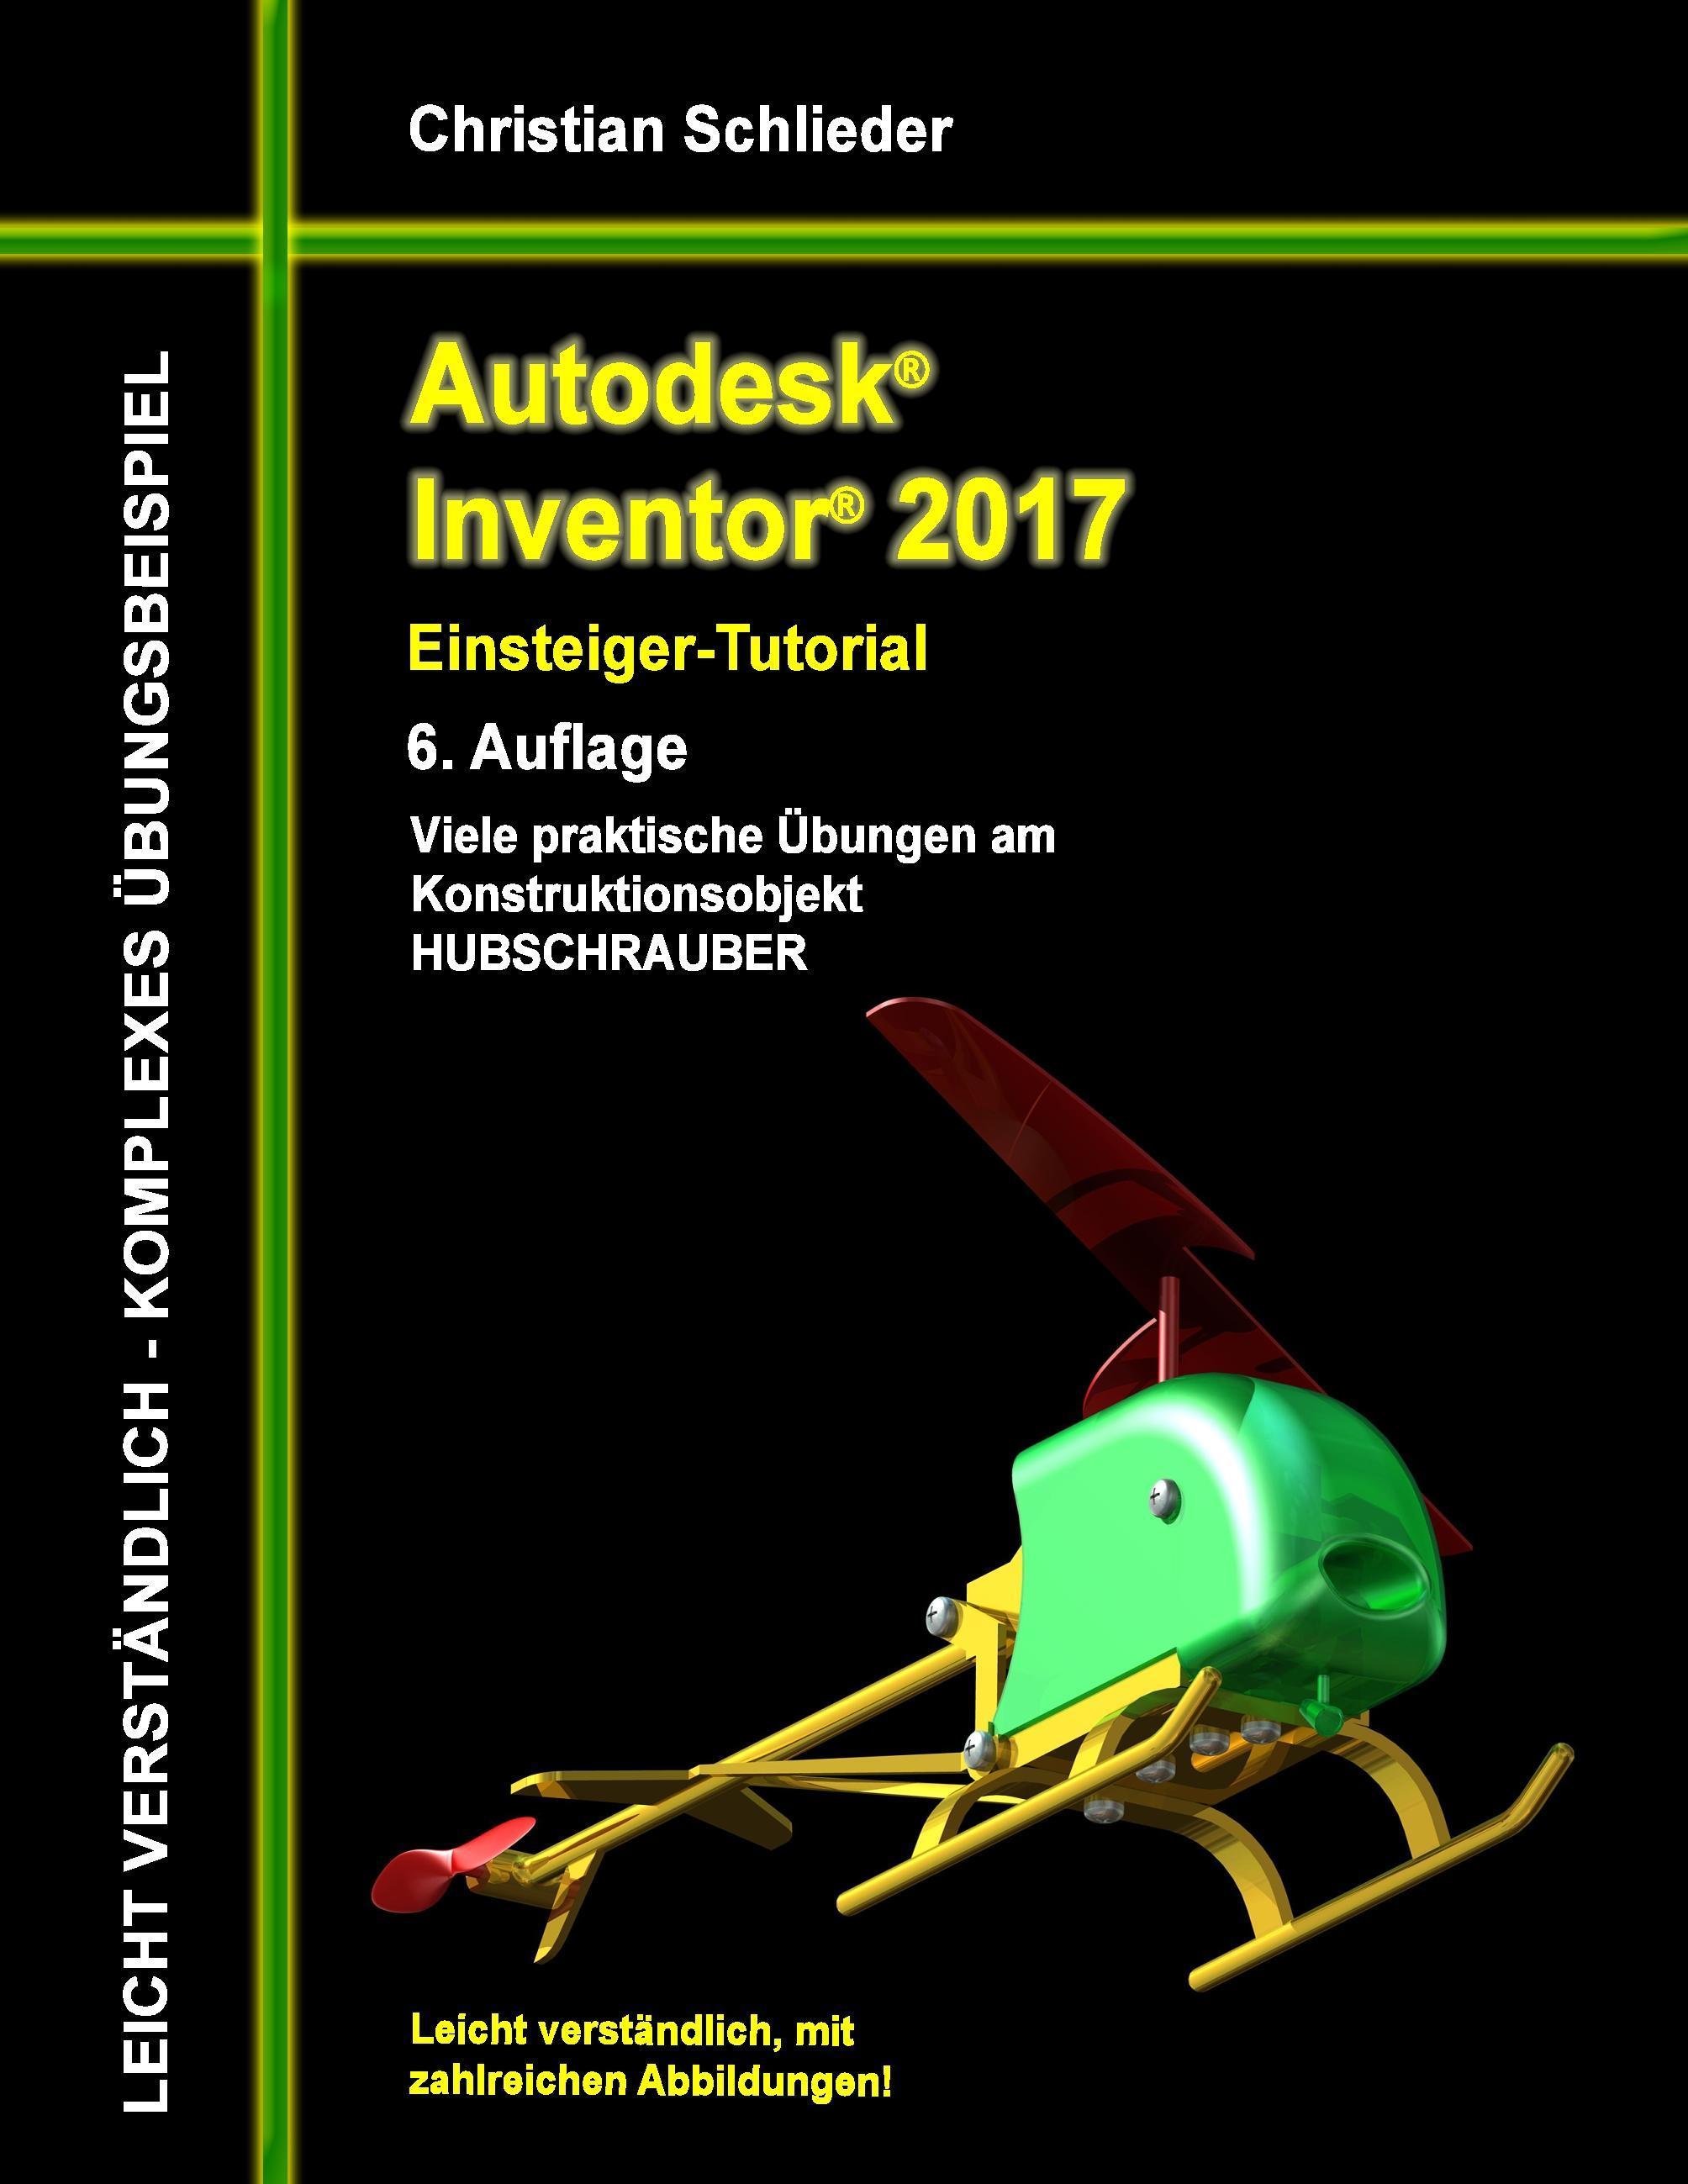 autodesk inventor 2017 einsteiger tutorial hubschrauber 9783741275975 ebay. Black Bedroom Furniture Sets. Home Design Ideas